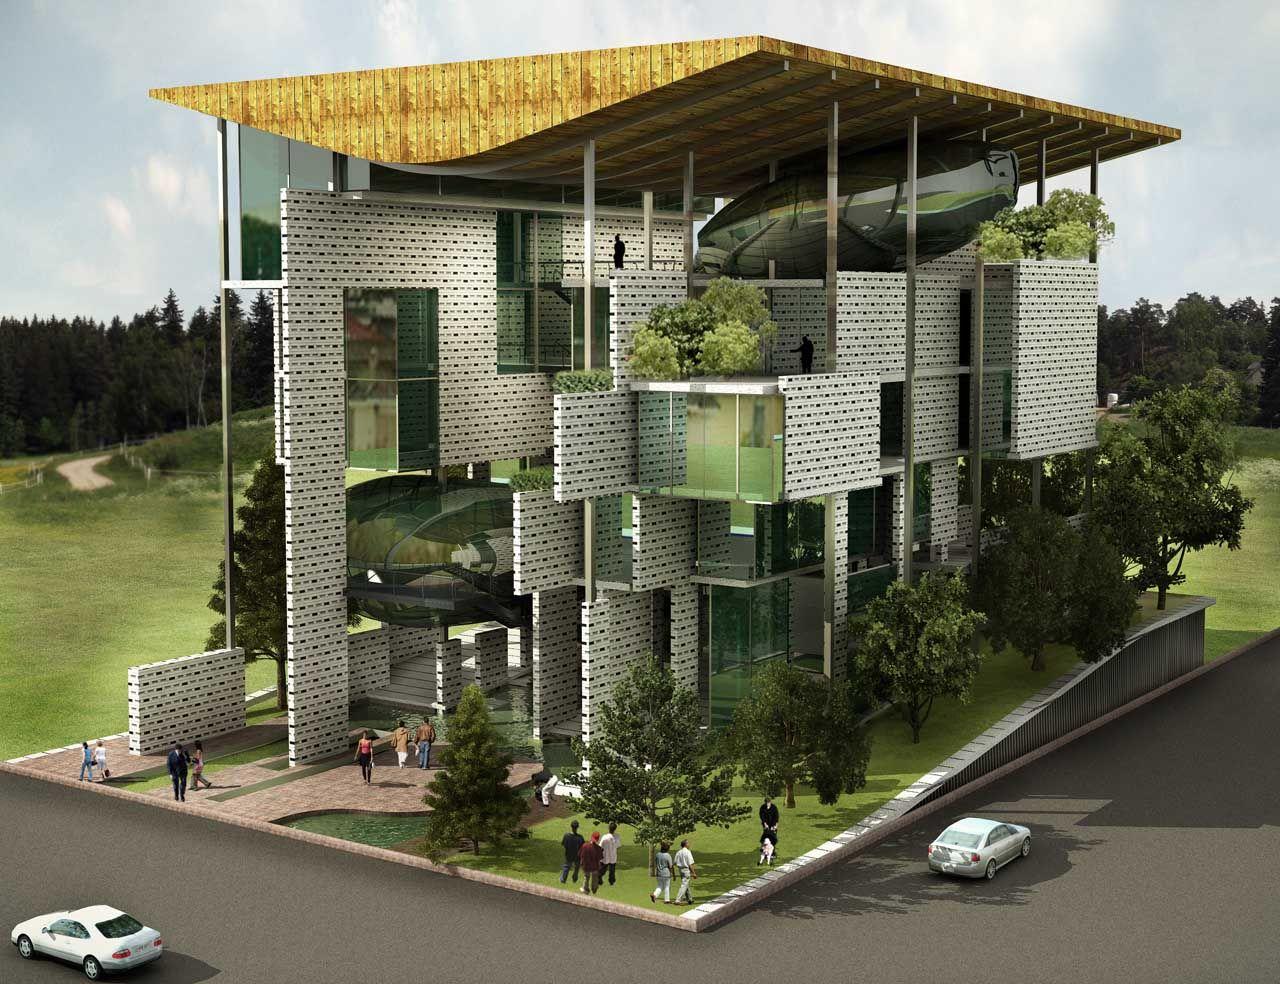 Иллюстрация для статьи о проекте дома-губки, на который обратили внимание менеджеры бренда Hansgrohe AXOR летом 2014 года. Вид А